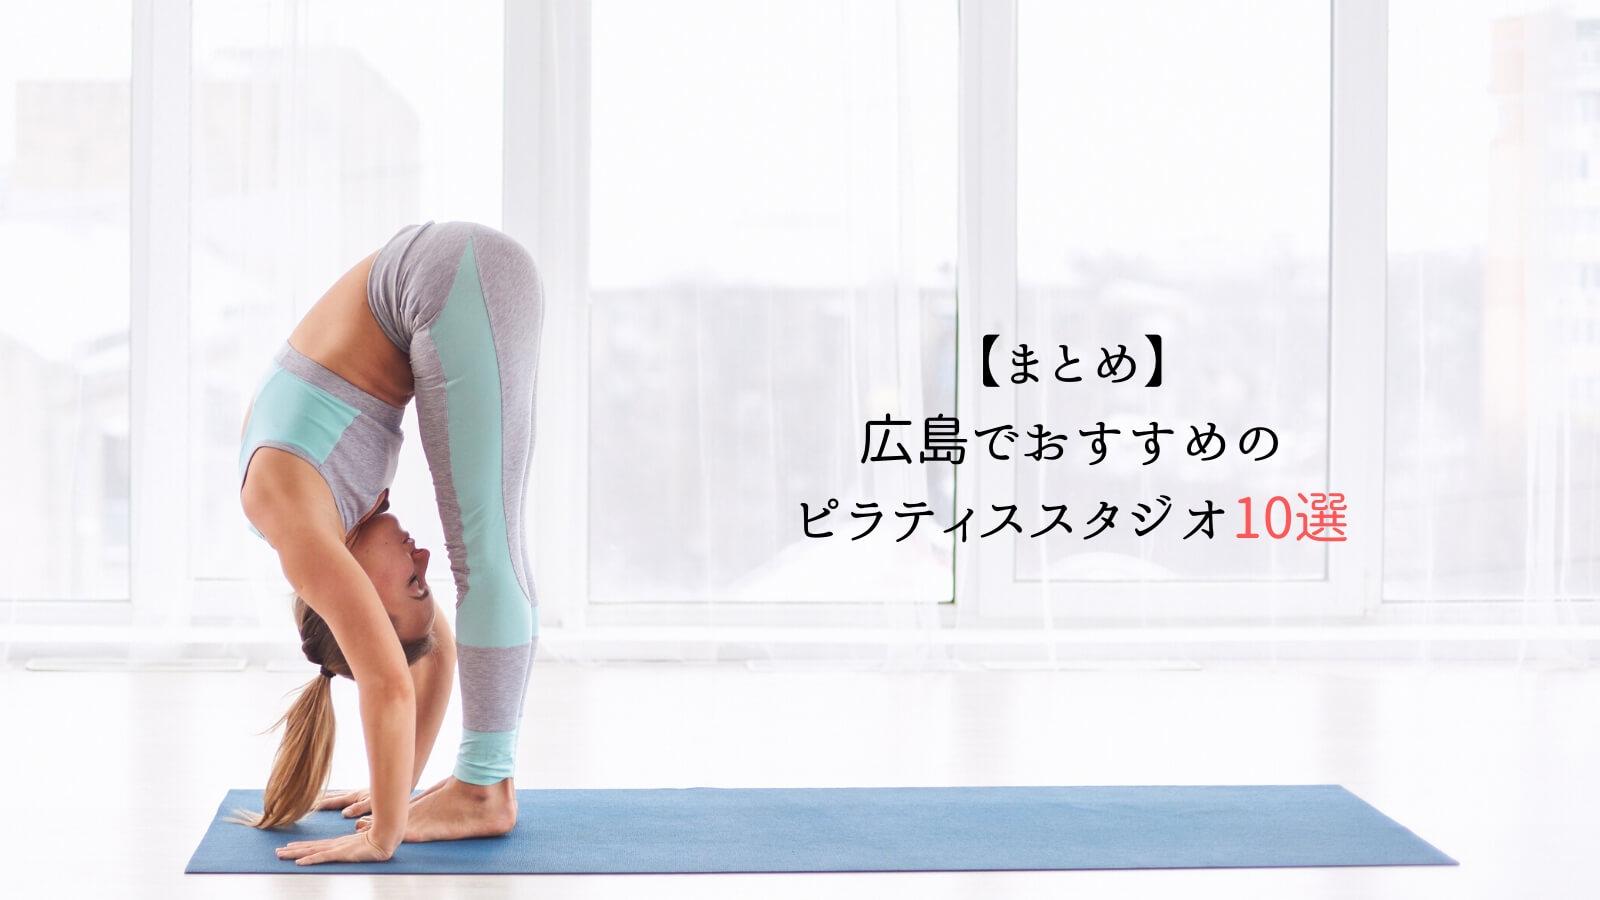 【まとめ】広島でおすすめのピラティススタジオ10選